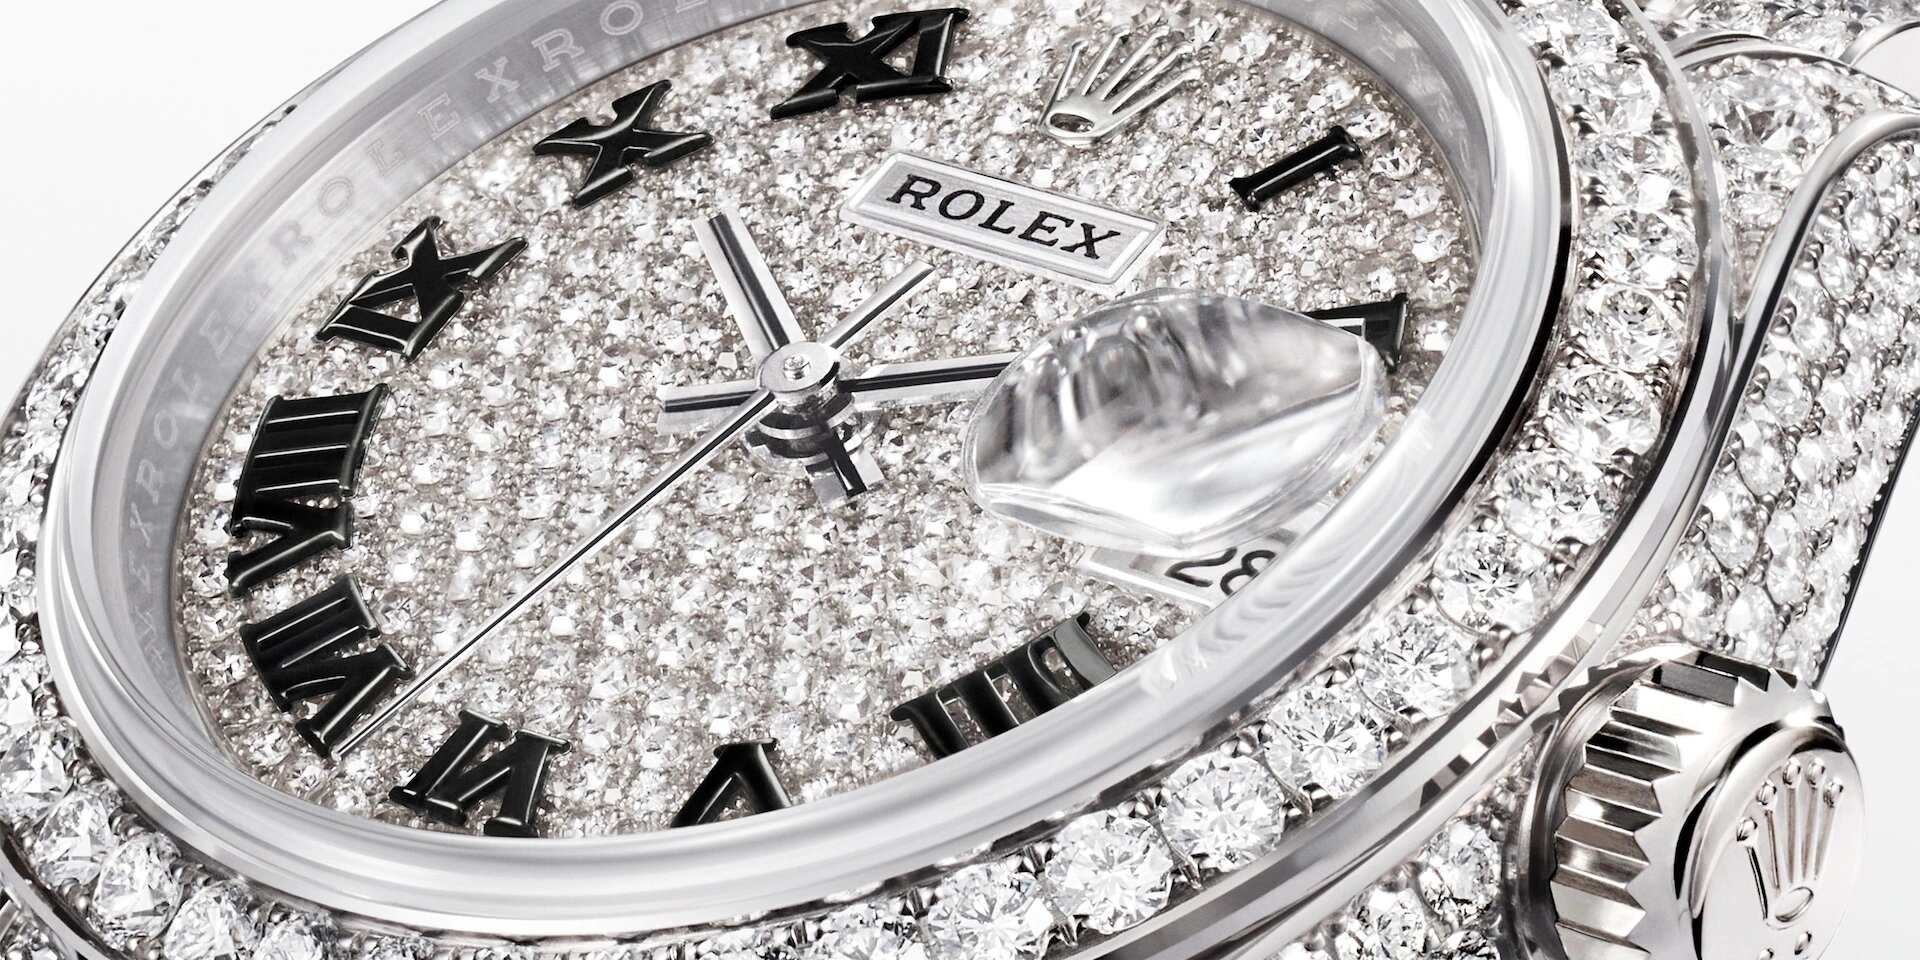 Rolex Lady-Datejust 279459 Detalle esfera